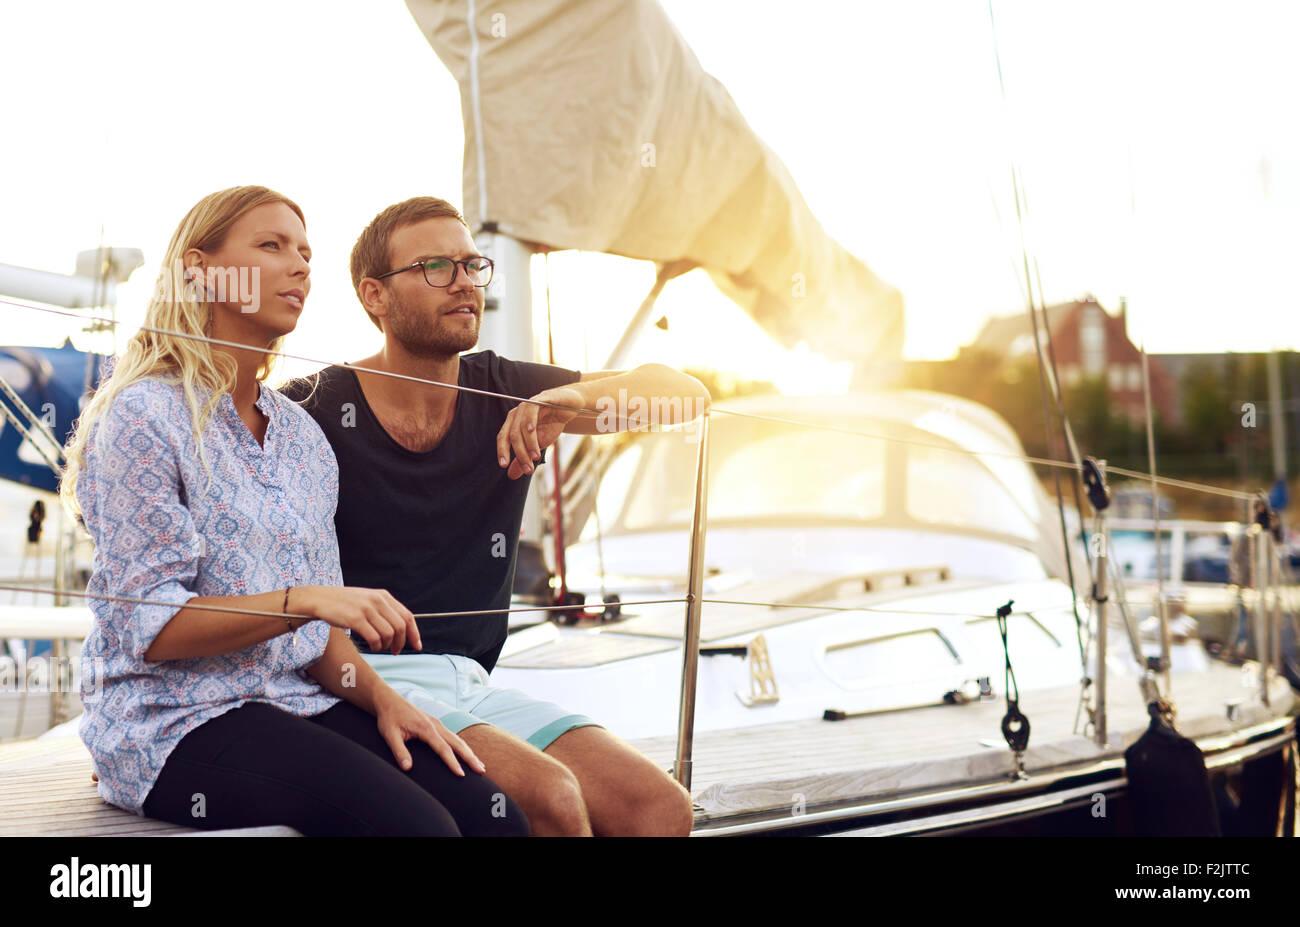 Süße junge Liebhaber sitzen vor einer Yacht und Blick in die Ferne während des Sonnenuntergangs. Stockbild